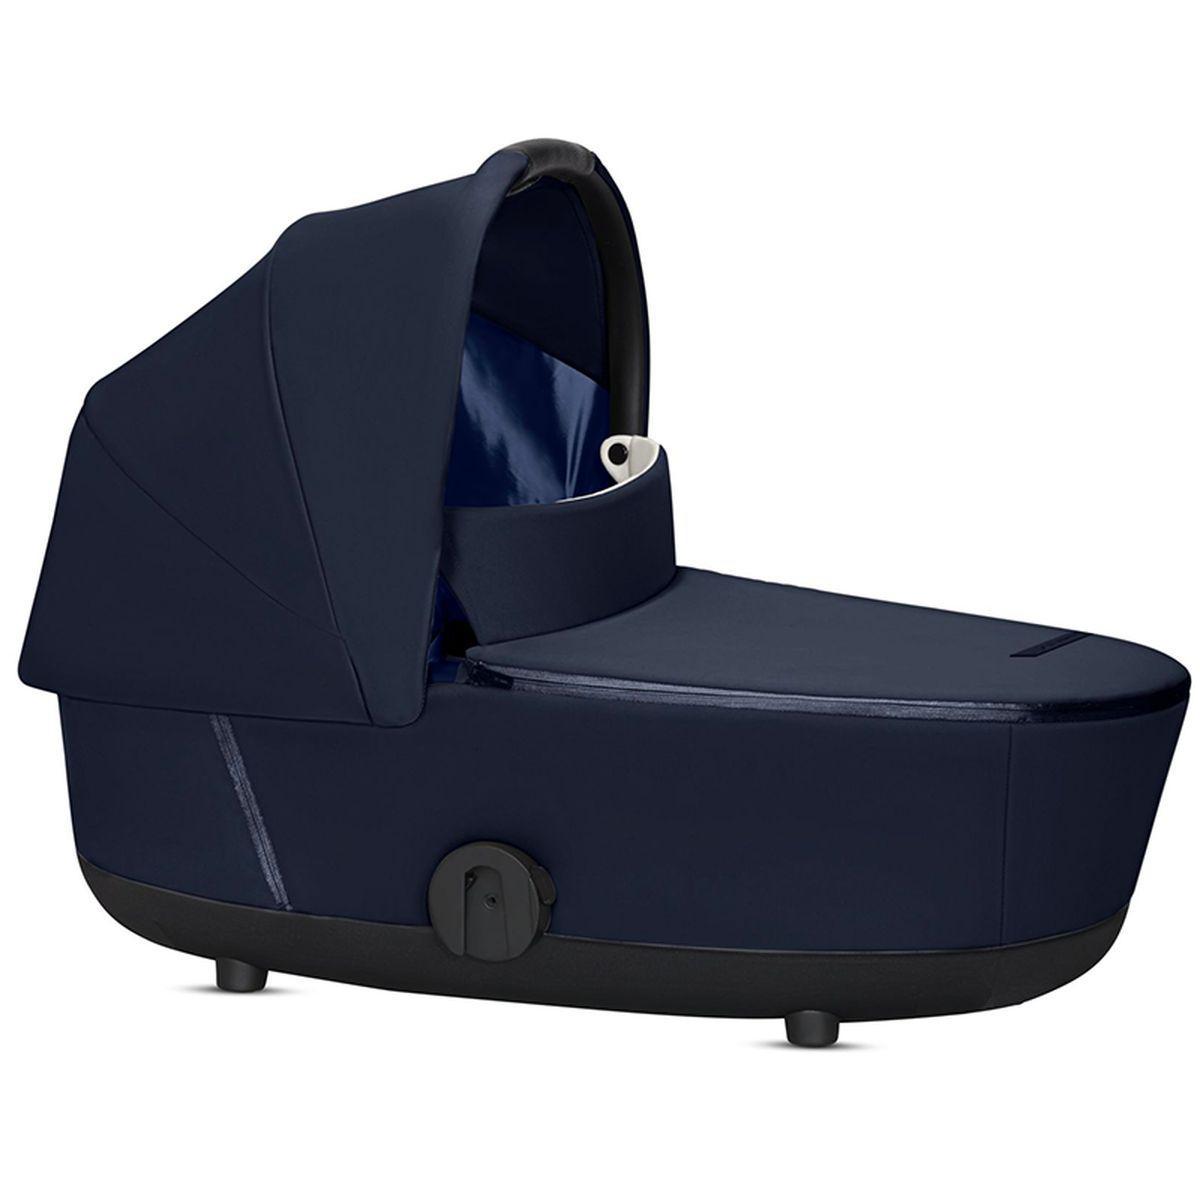 Nacelle de luxe MIOS Cybex indigo blue-navy blue